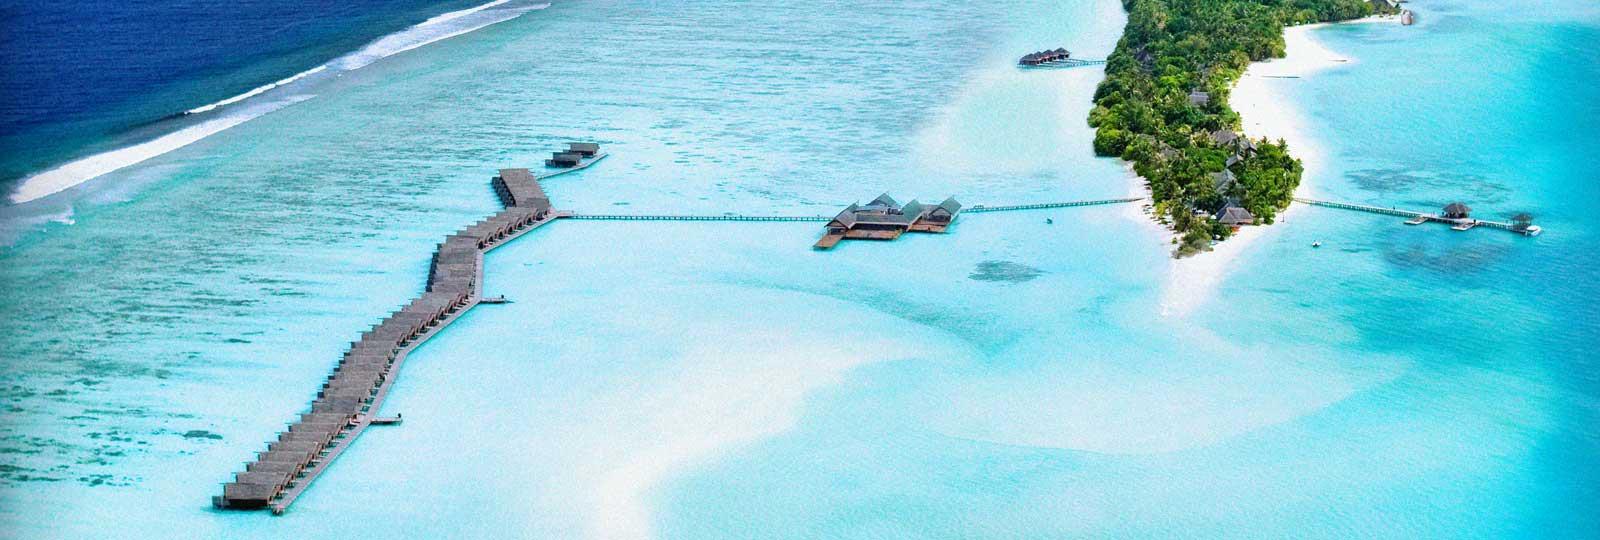 Lux Maldives Resort Malediven Original Asia